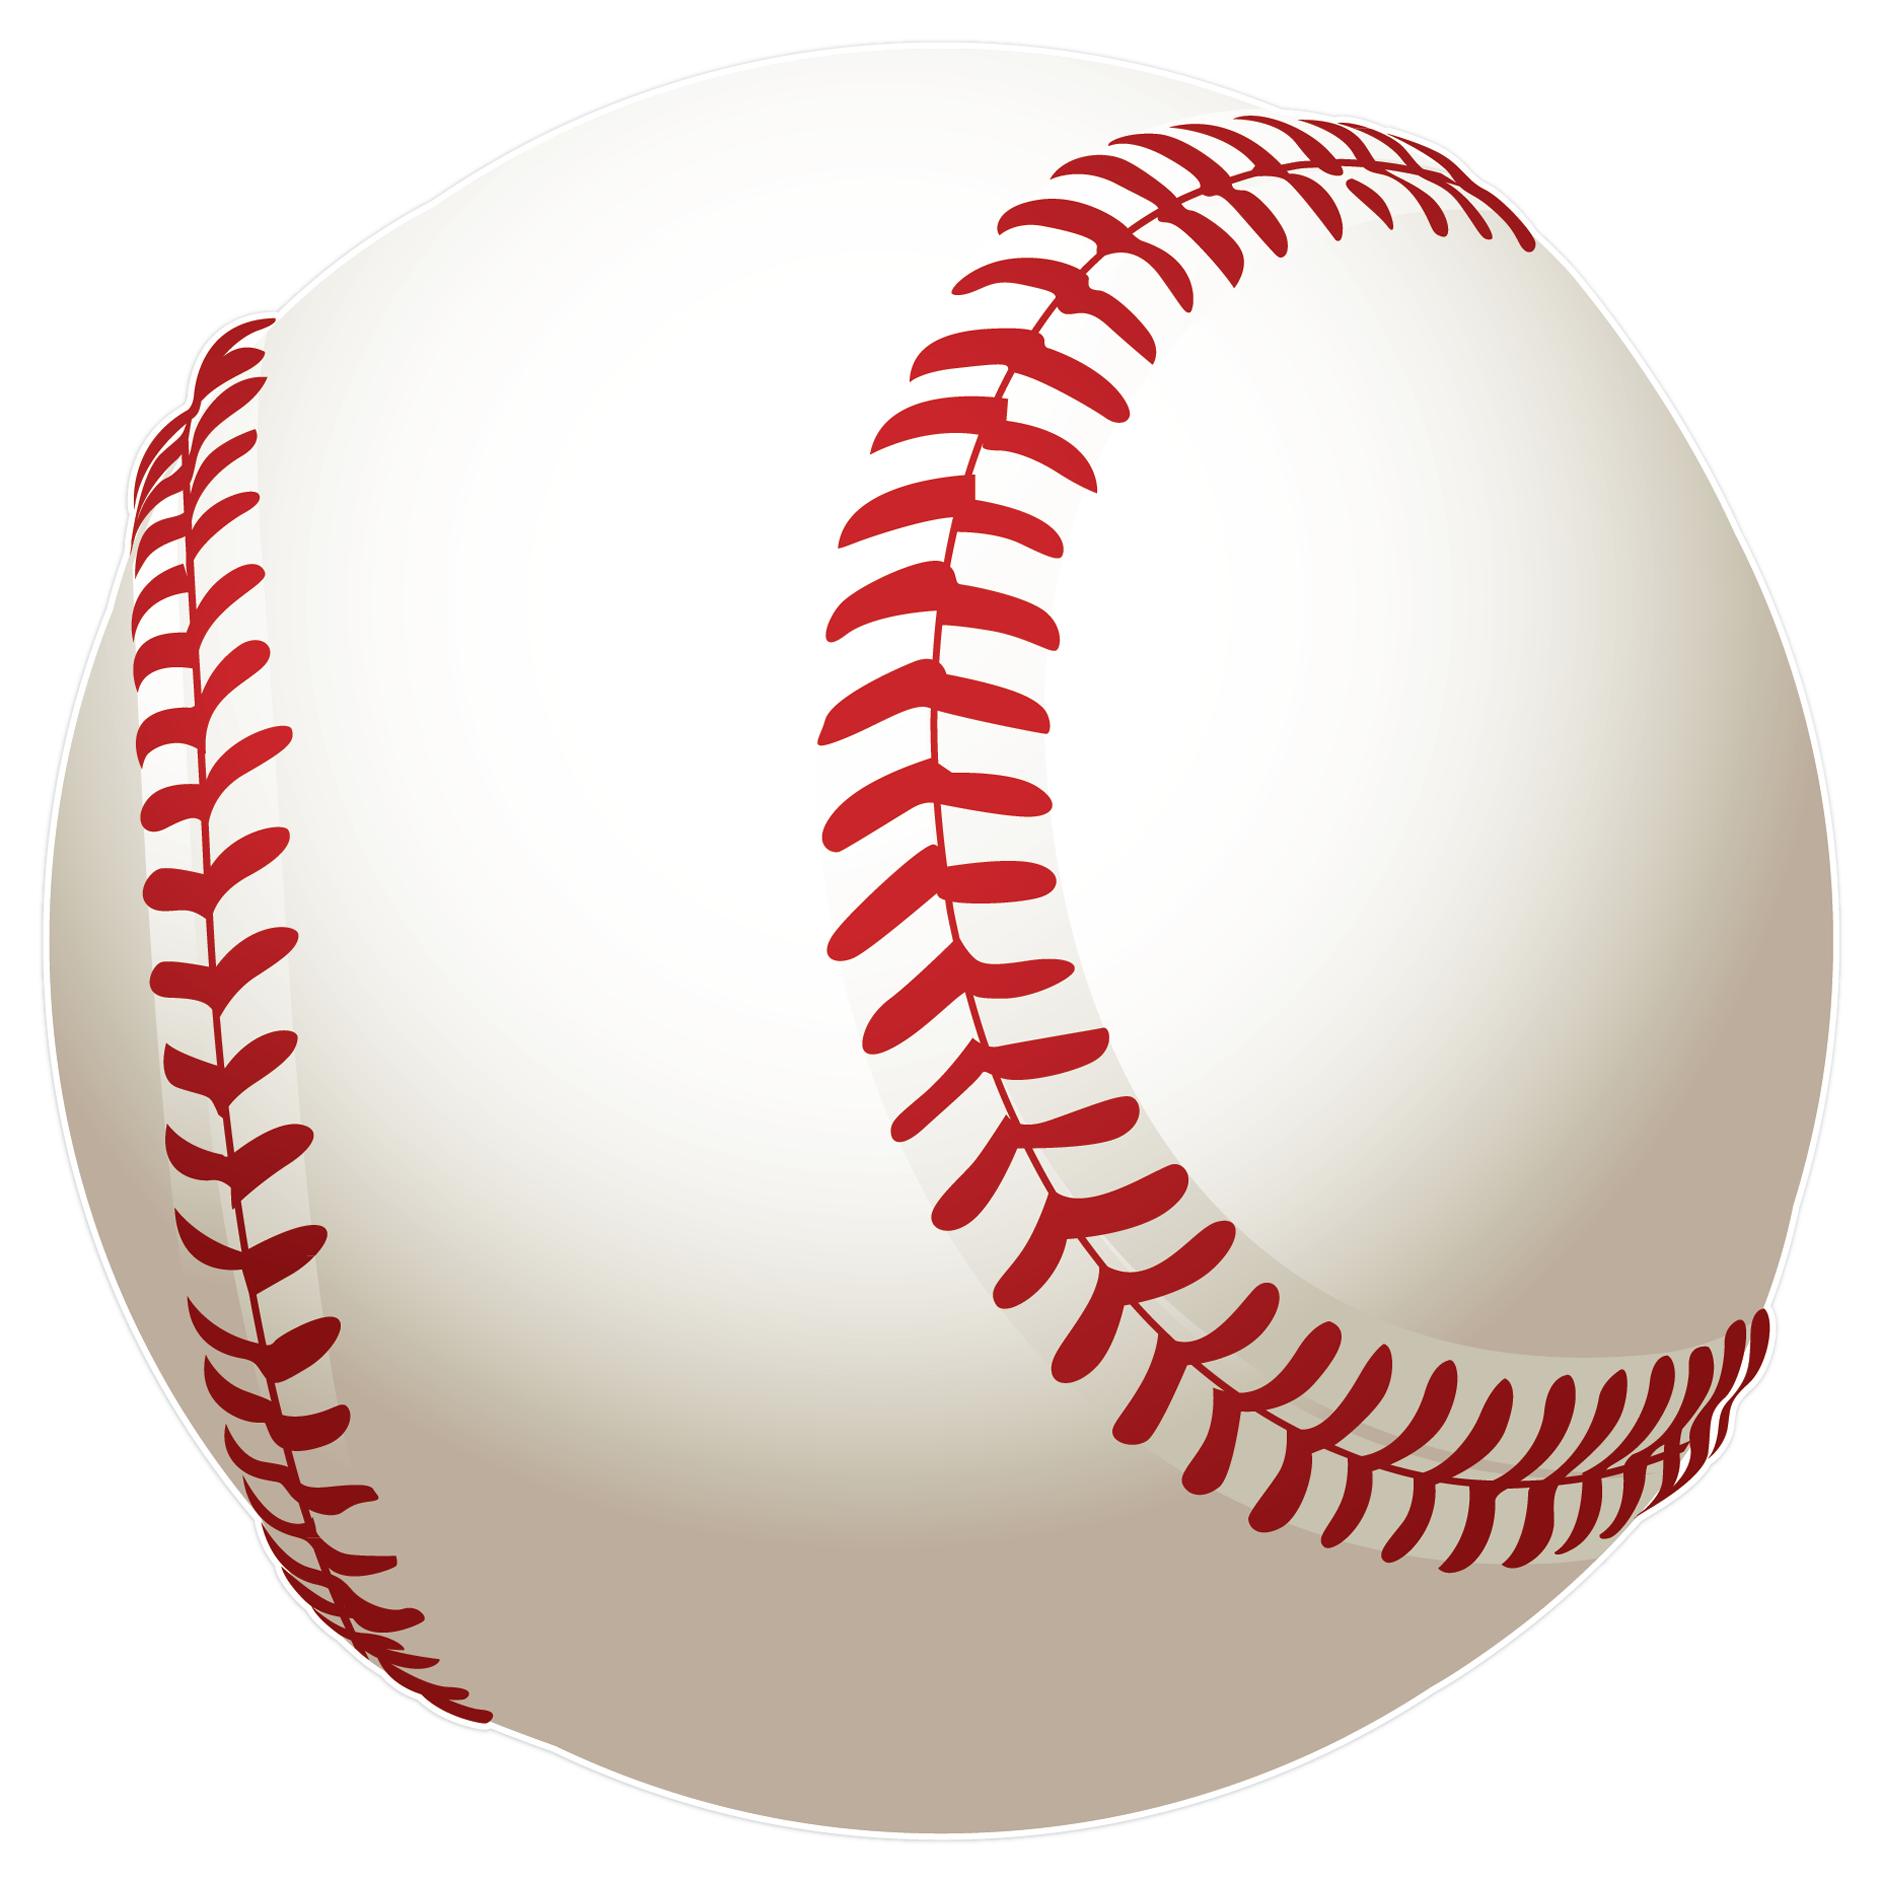 Png Transparent Baseball Background #35358.